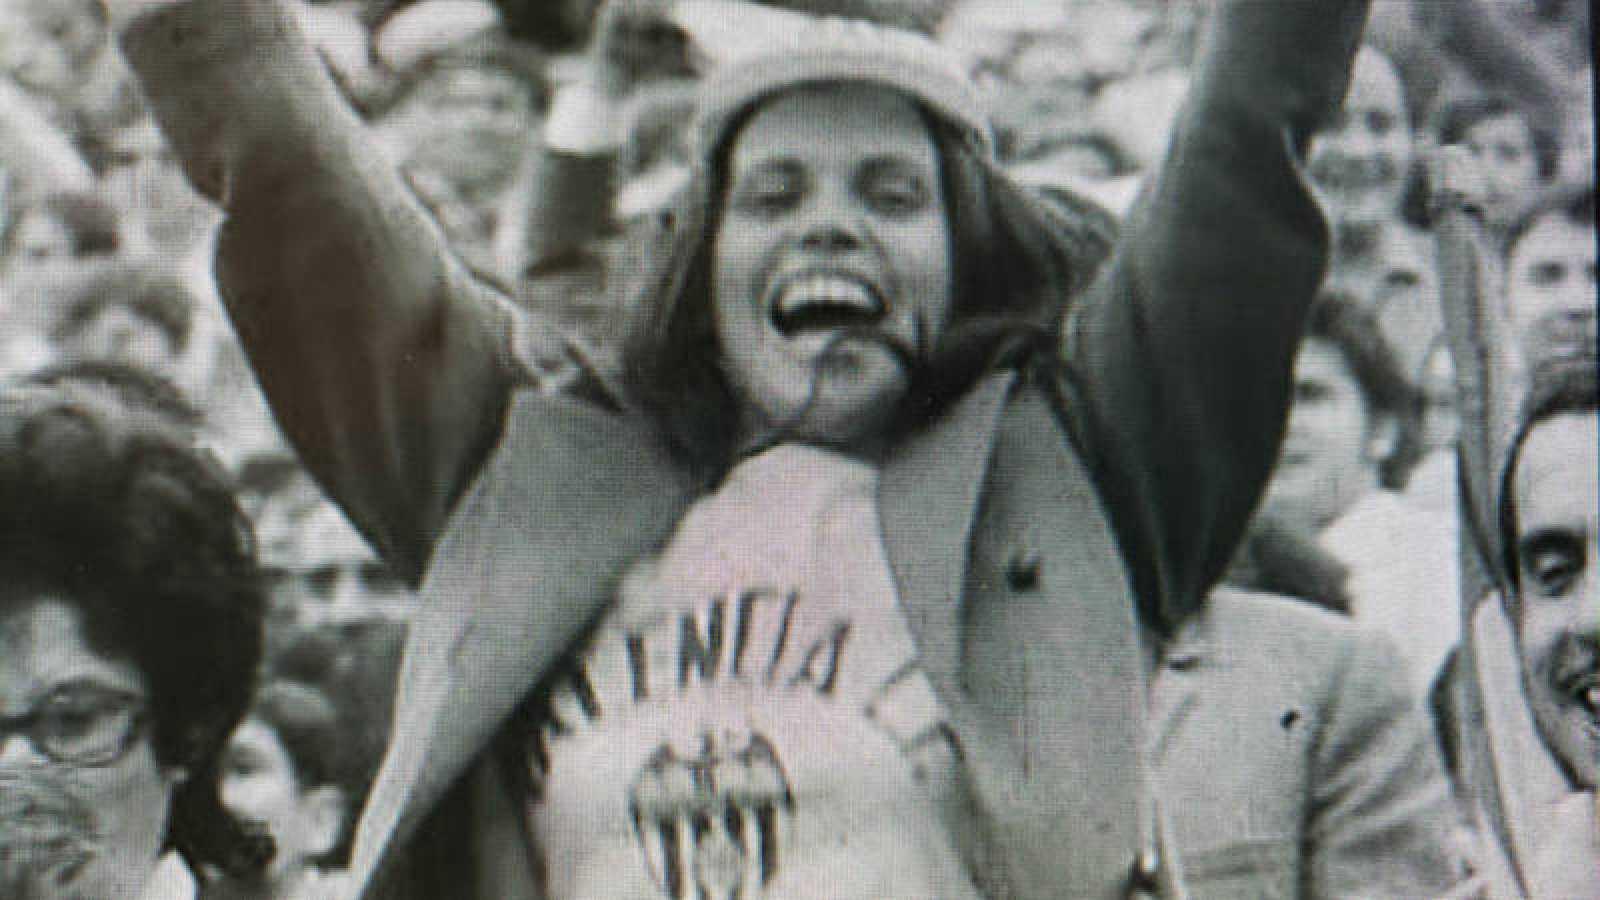 Una aficionada del Valencia C.F celebra el título de Liga de 1971 ganado por su equipo en el estadio de Sarriá (Barcelona).